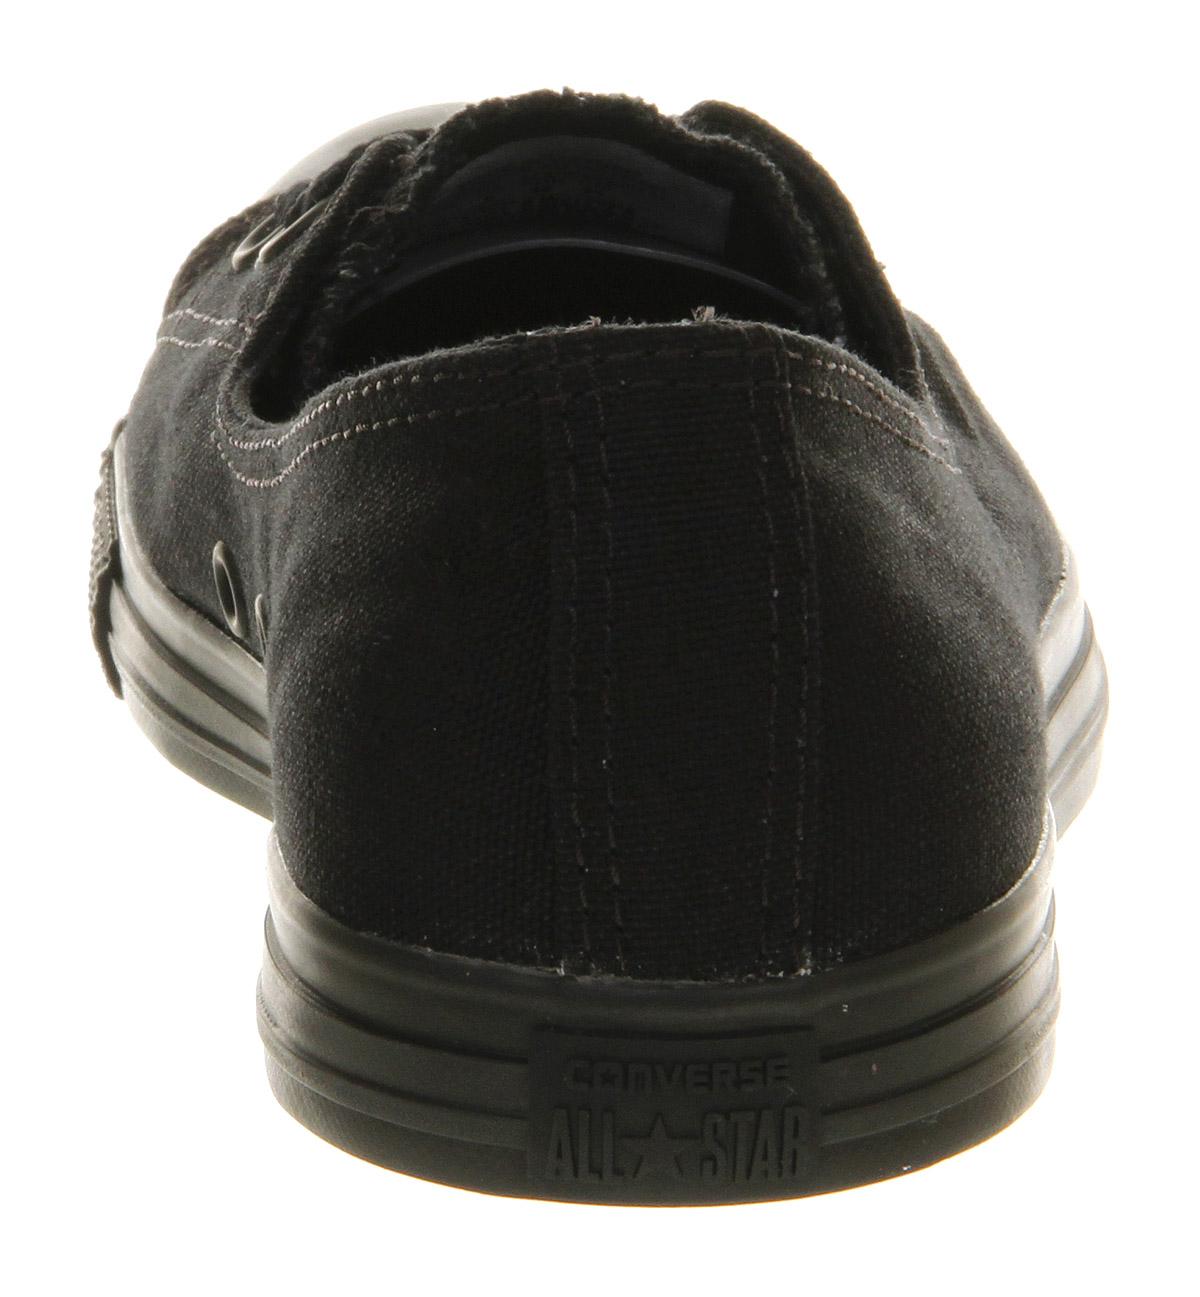 355a8f2fdf1c65 Lyst - Converse Dance Lace in Black